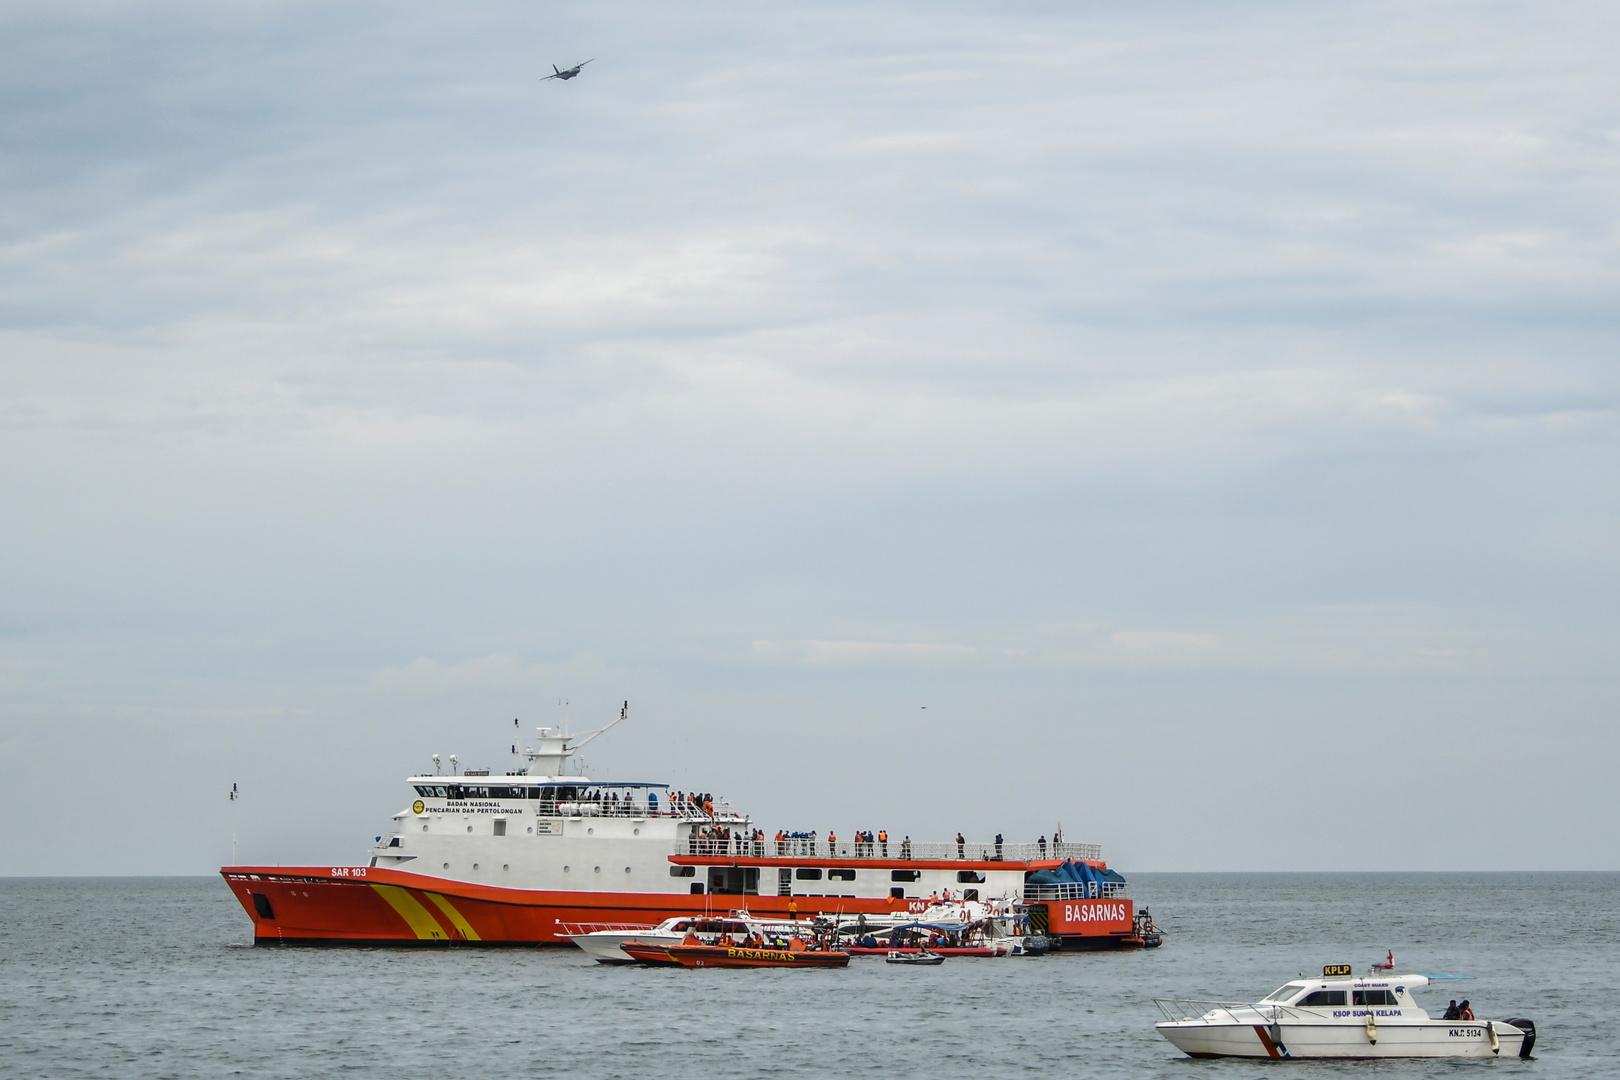 إندونيسيا تحدد موقعي الصندوقين الأسودين للطائرة المنكوبة